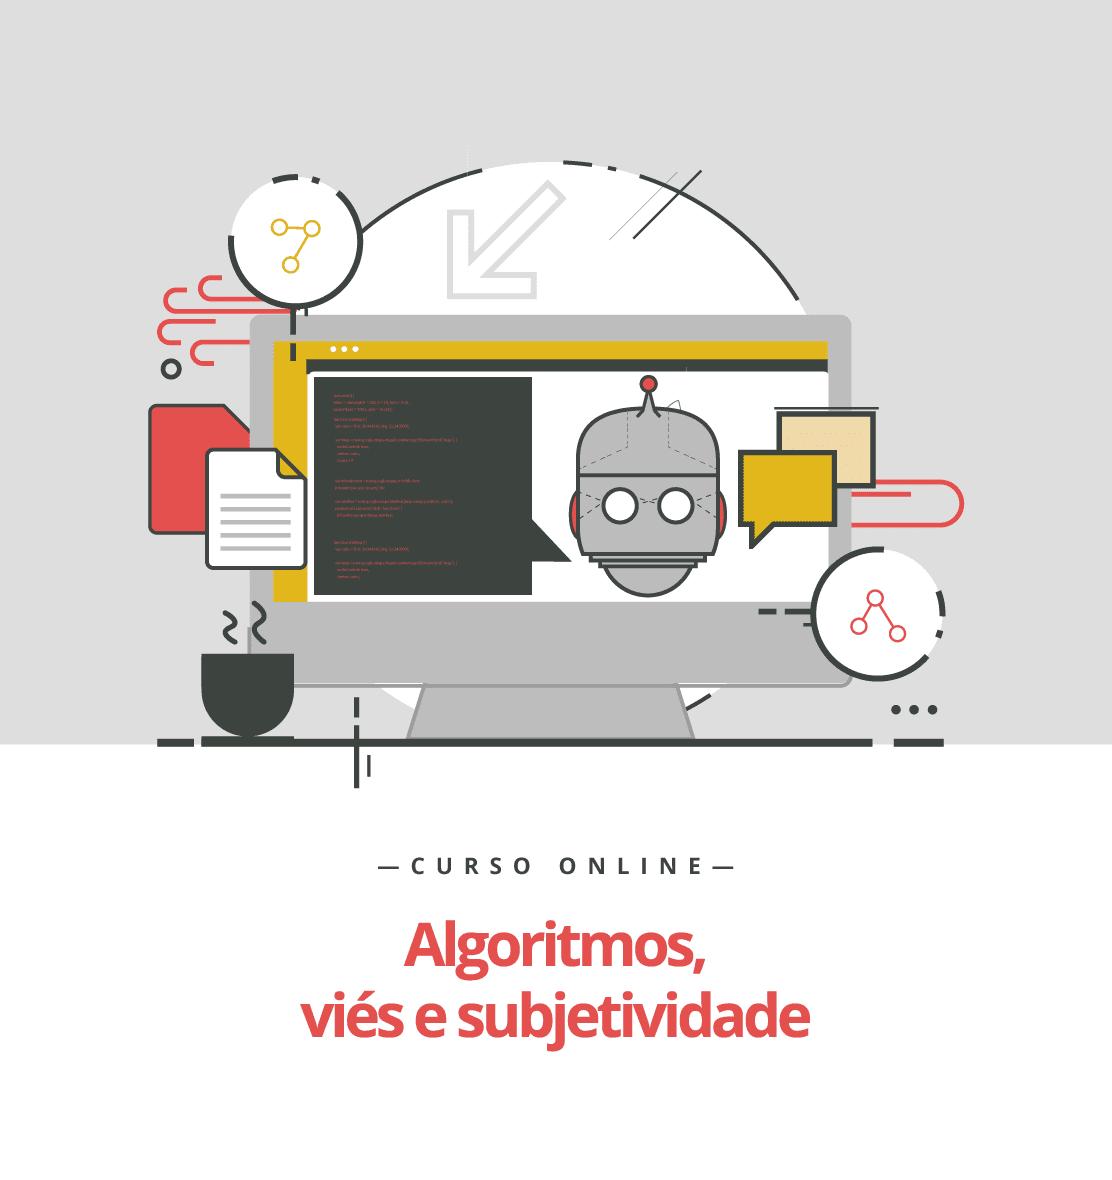 algoritmos viés e subjetividade